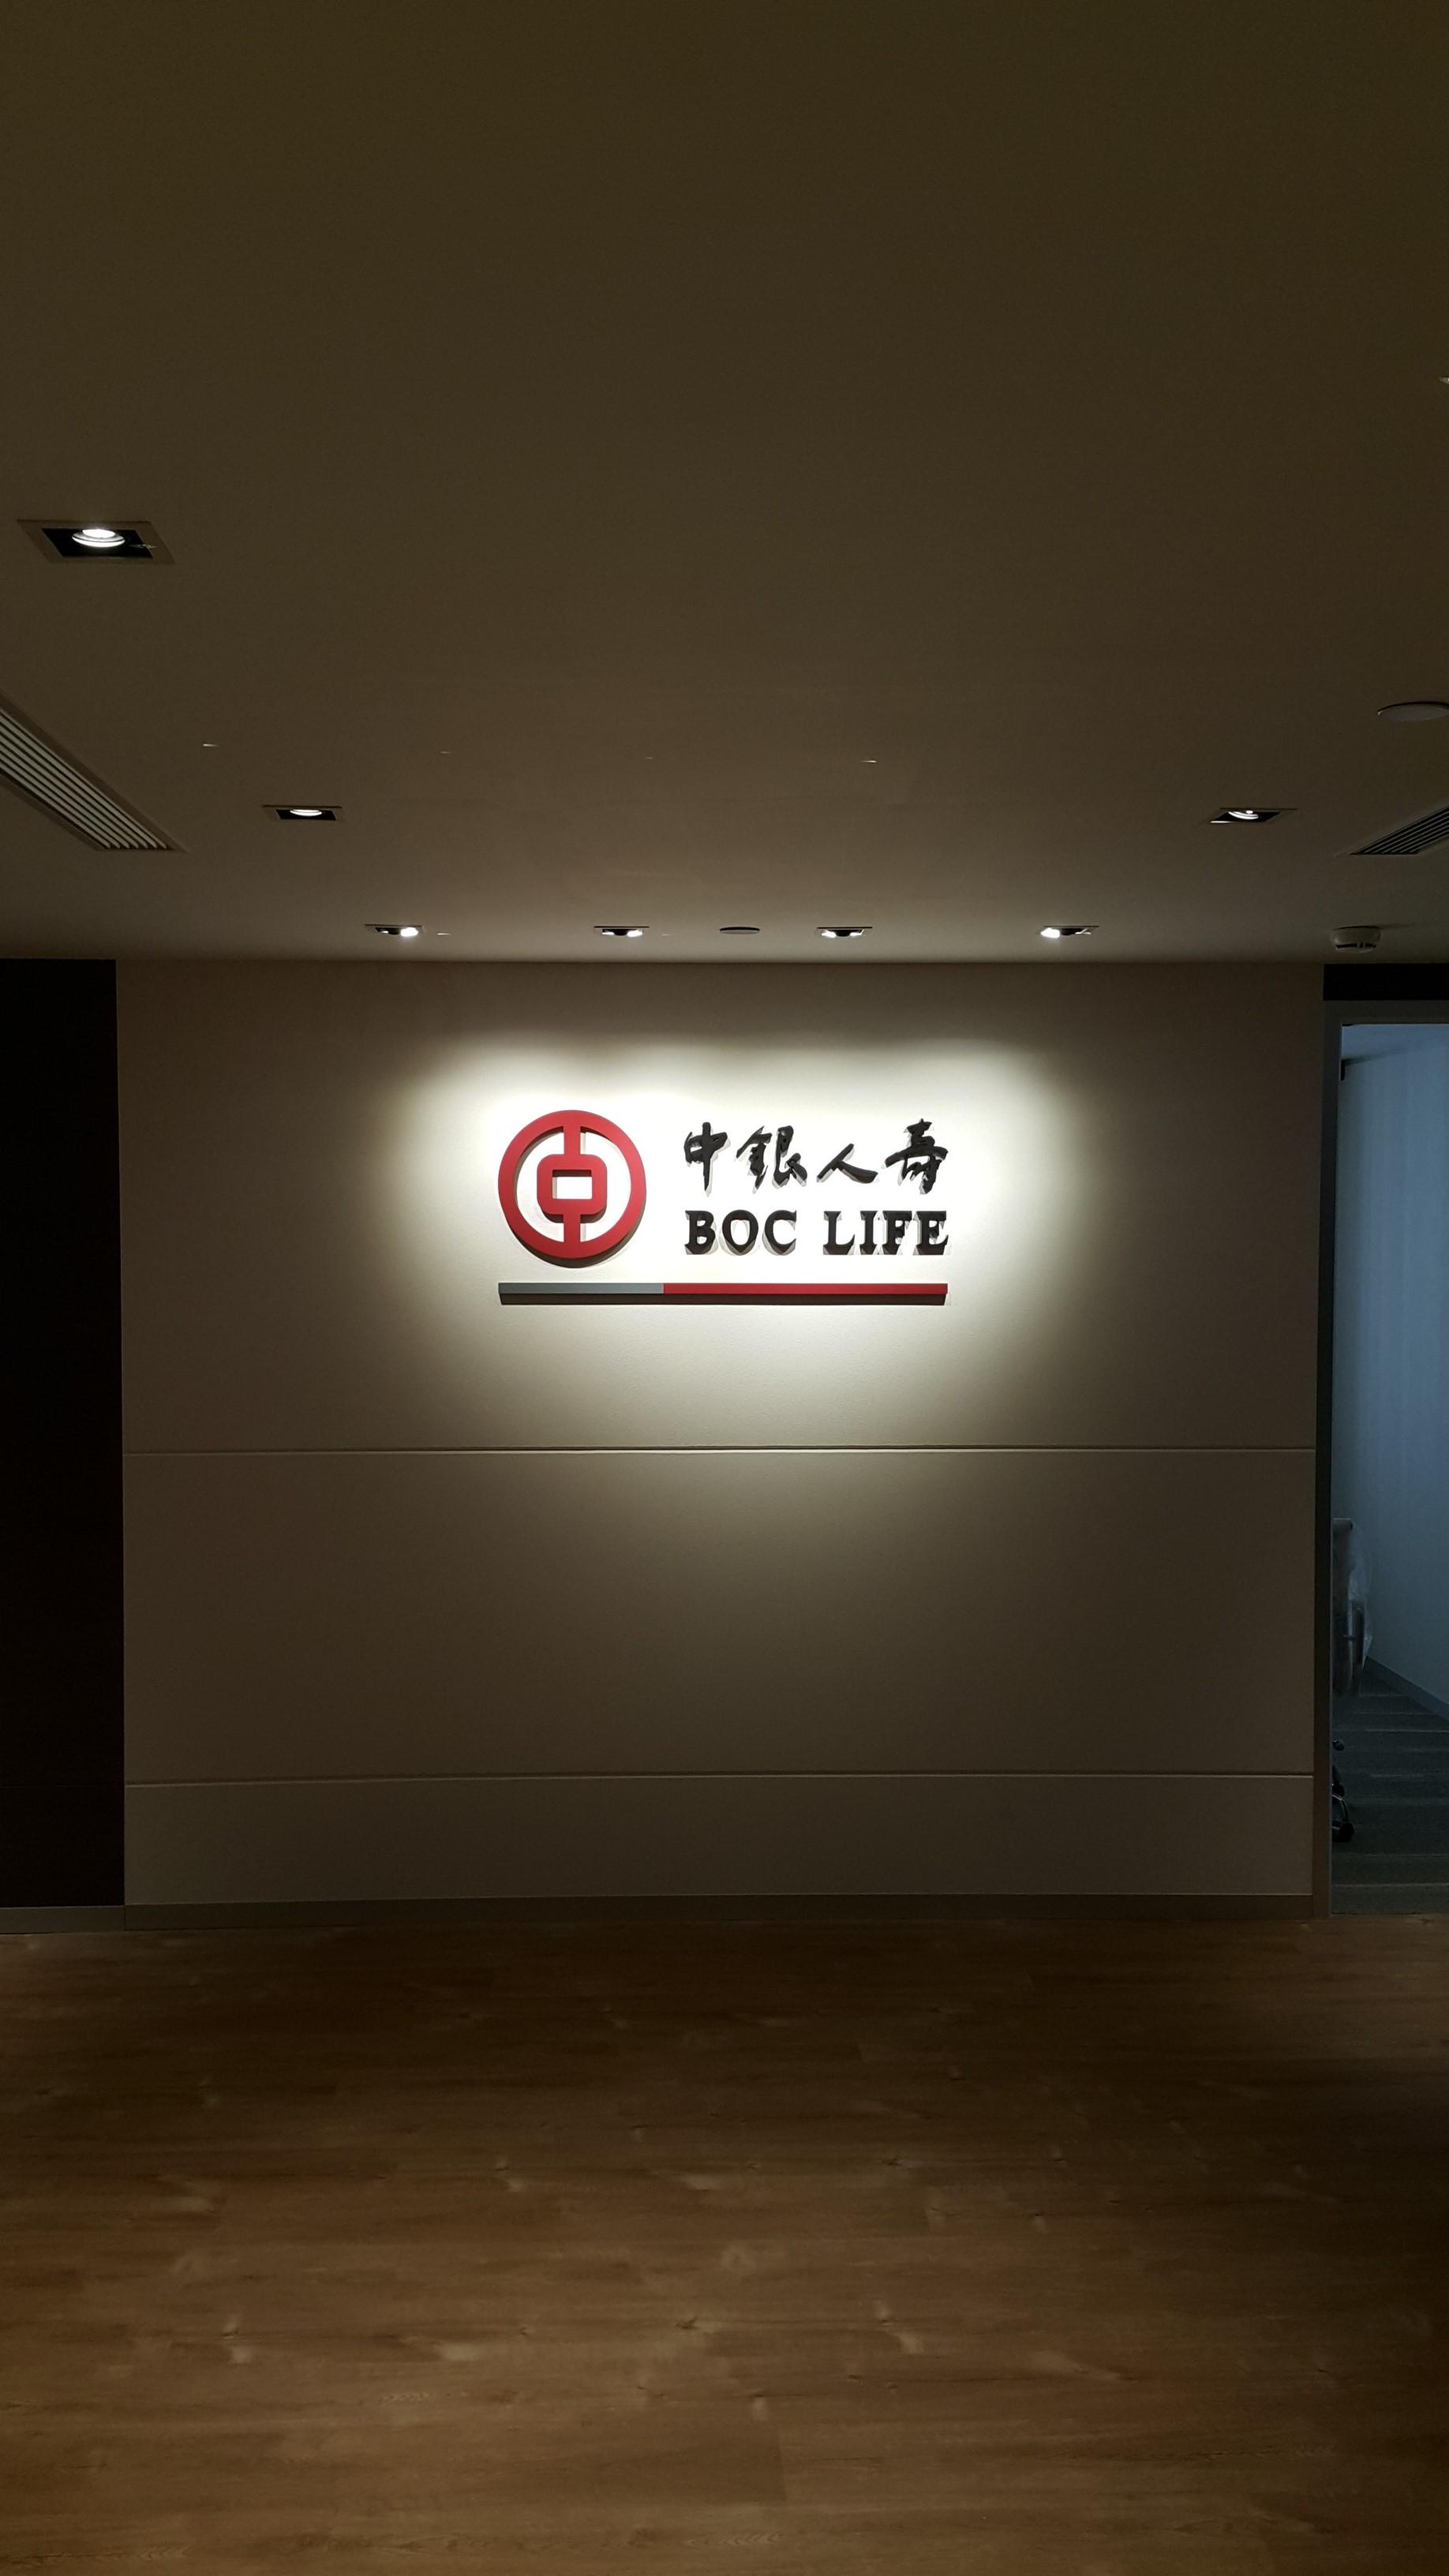 BOC Life